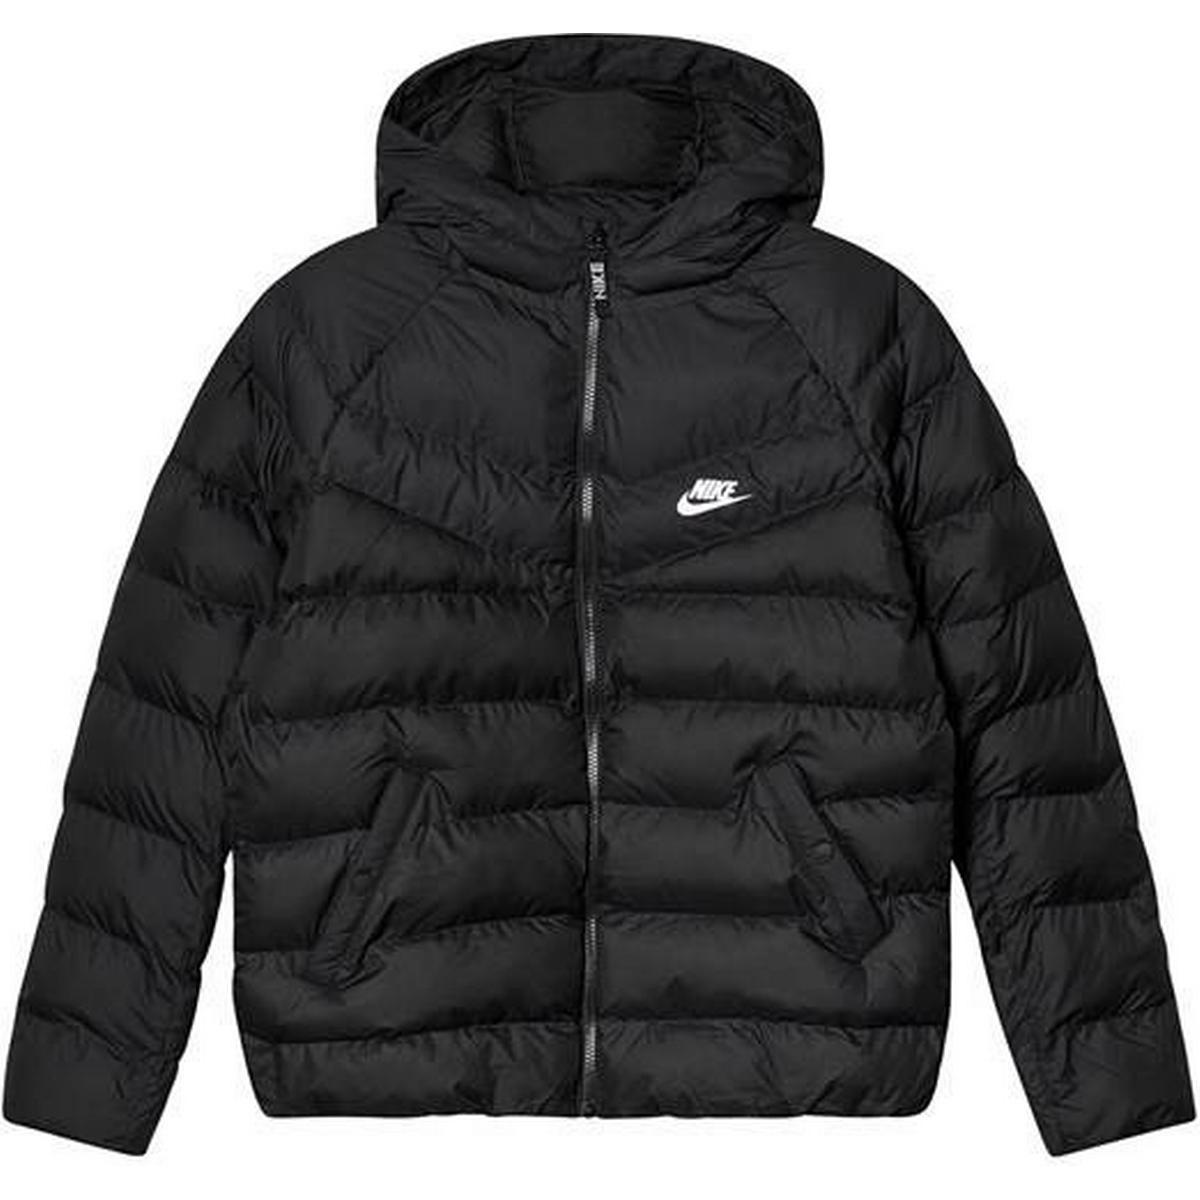 Nike jakke børn Børnetøj • Find billigste pris hos